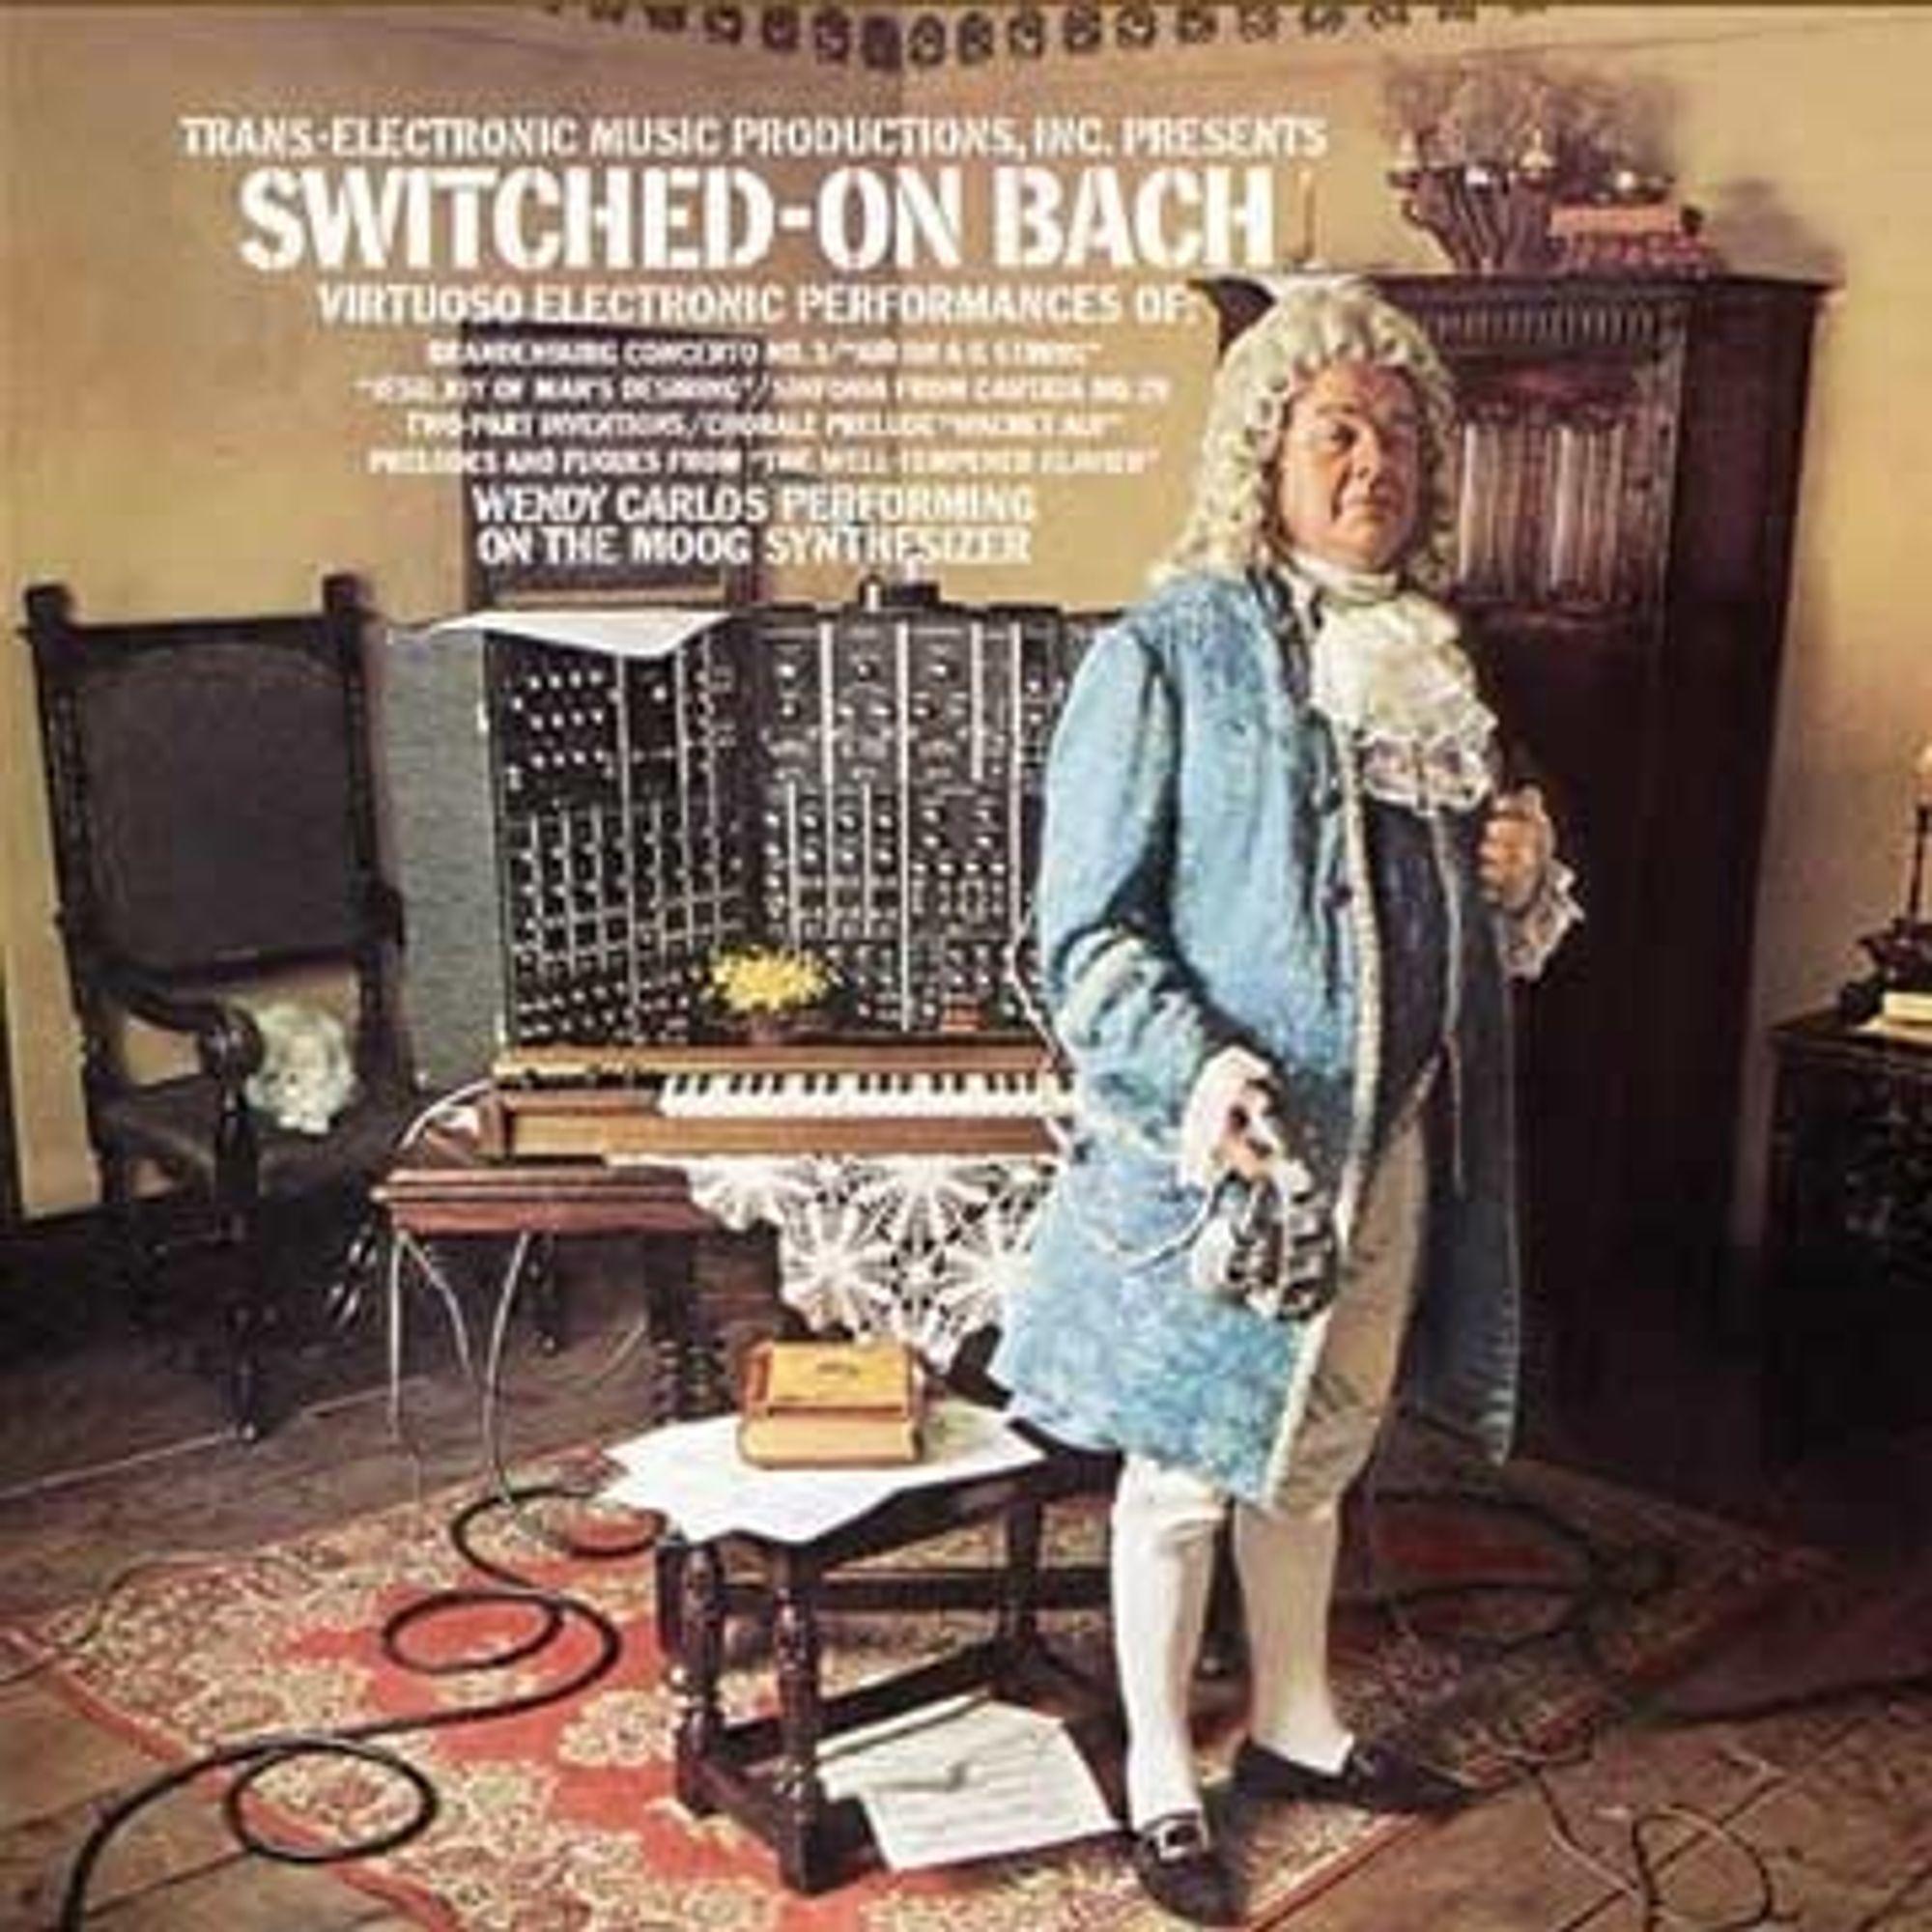 Platecover for Wendy Carlos' elektroniske musikkversjon av Johan Sebastian Bachs musikk, spilt på analog Moog Synthesizer i 1968. Klassisk skolerte musikere rev av seg parykken, mens ungdom fikk ørene opp for både klassisk og elektronisk musikk. Robert  Moog har igjen  begynt å produsere de populære, analoge MinMoog-ene. Mange unge musikere er lei det digitale lydbildet.